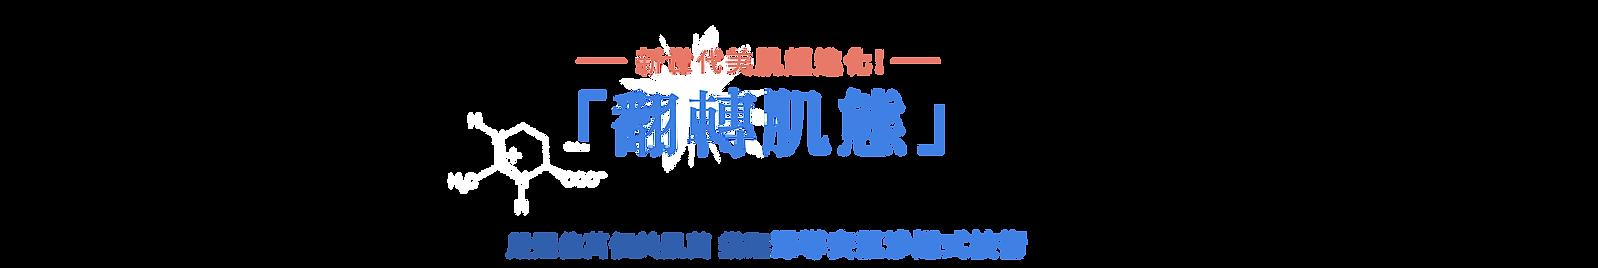 02_01-複本_01.png